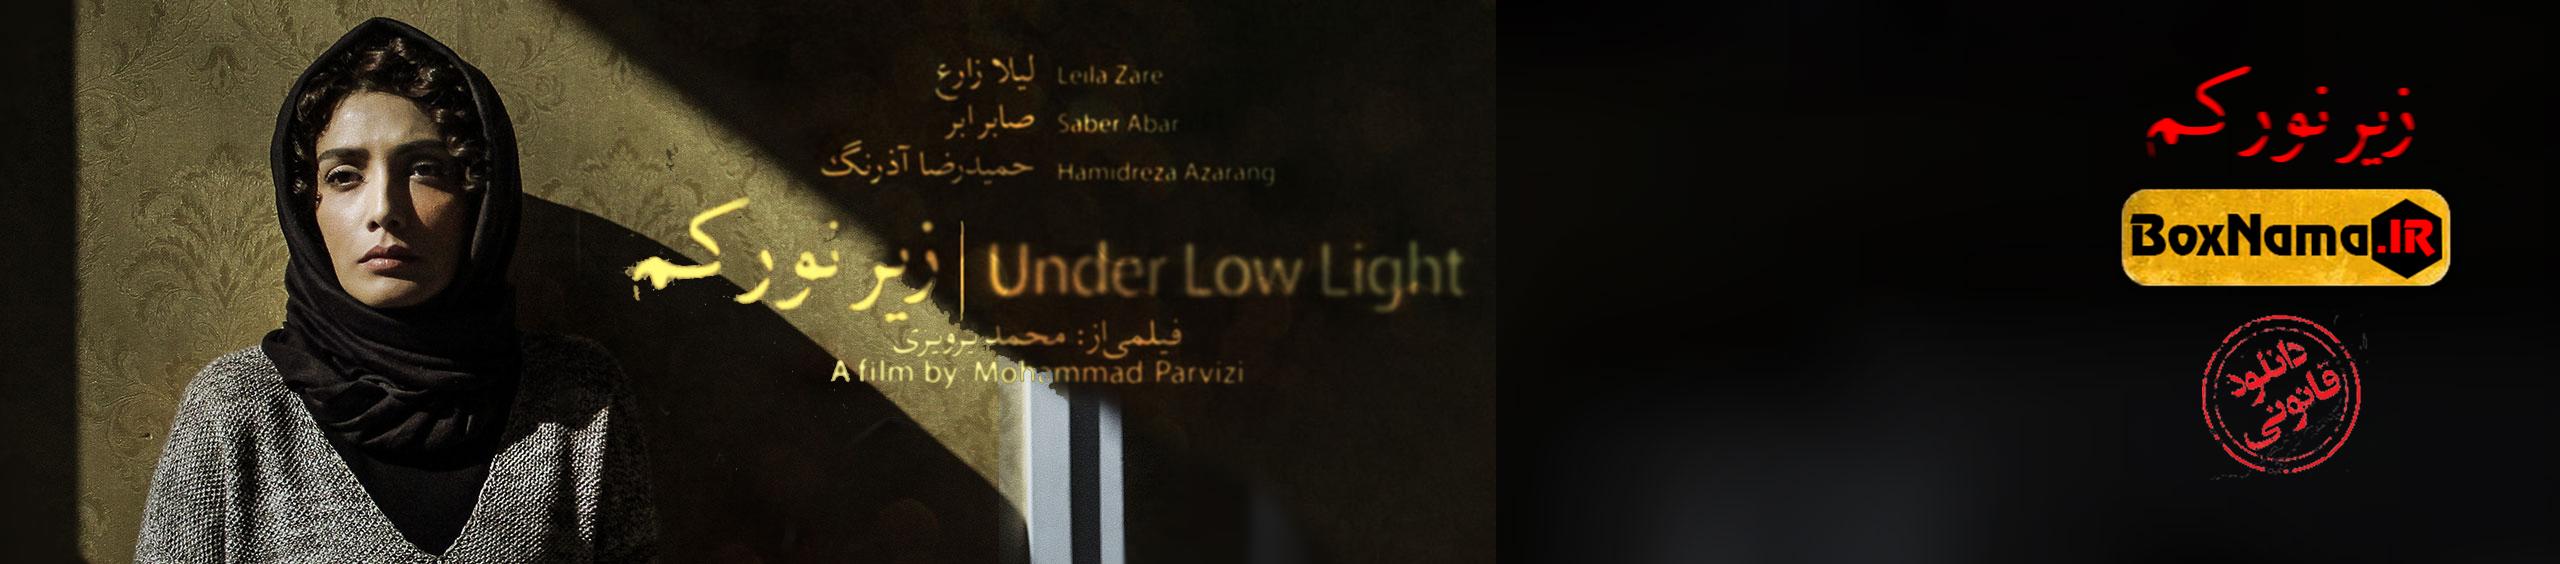 فیلم زیر نور کم صابر ابر لیلا زارع